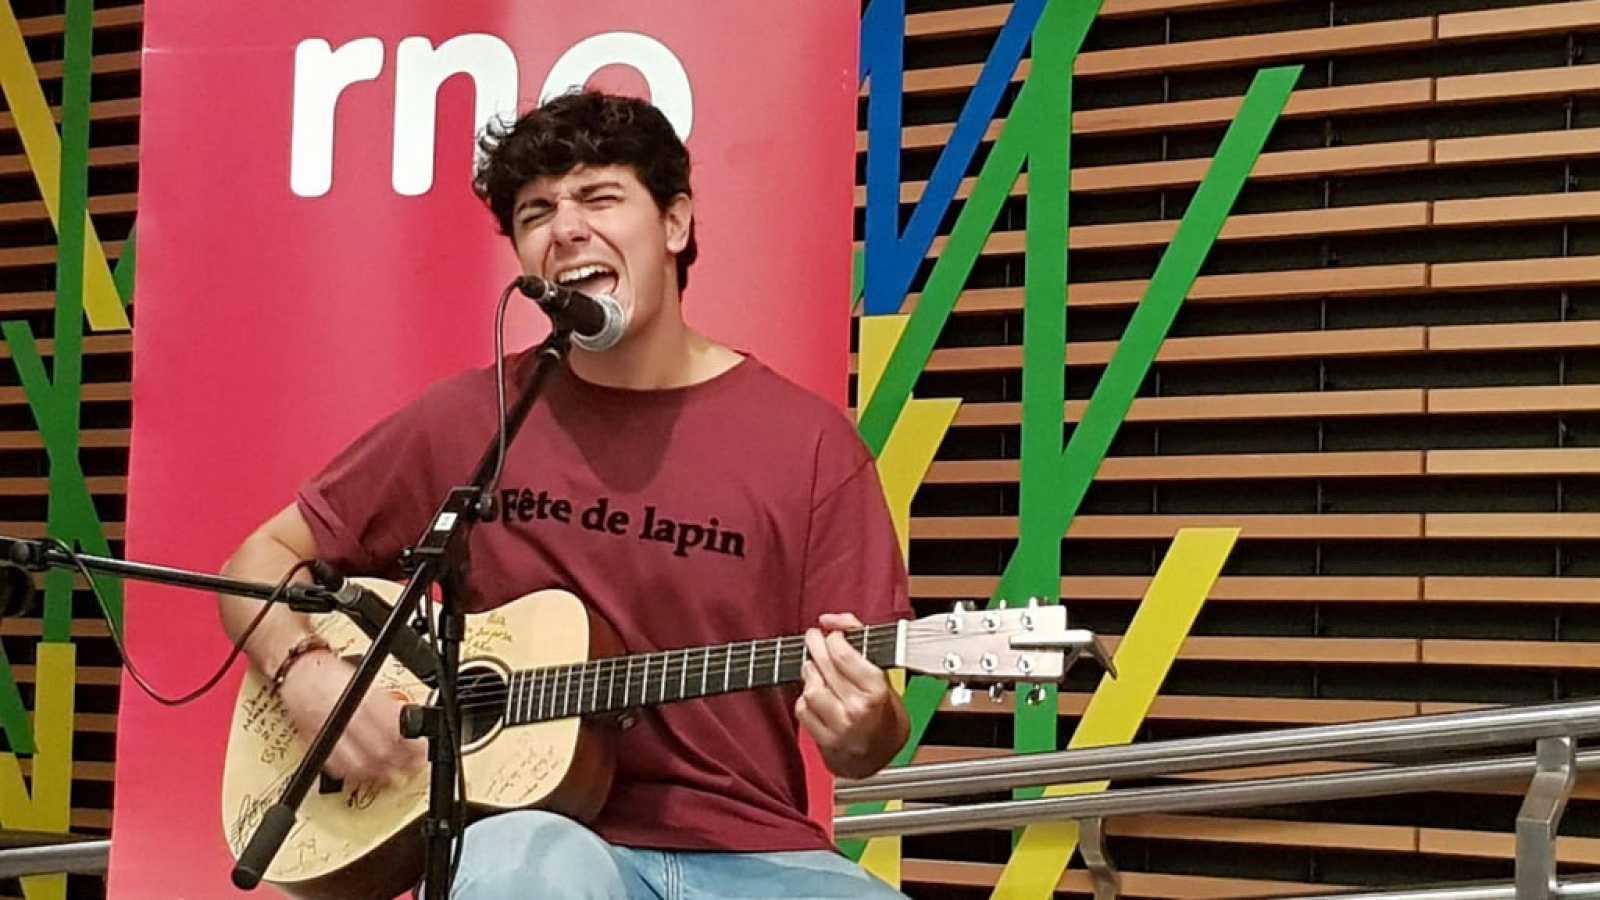 """Las mañanas de RNE con Alfredo Menéndez - Alfred García: """"La discográfica me ha dado alas y cielo para volar"""" - Escuchar ahora"""